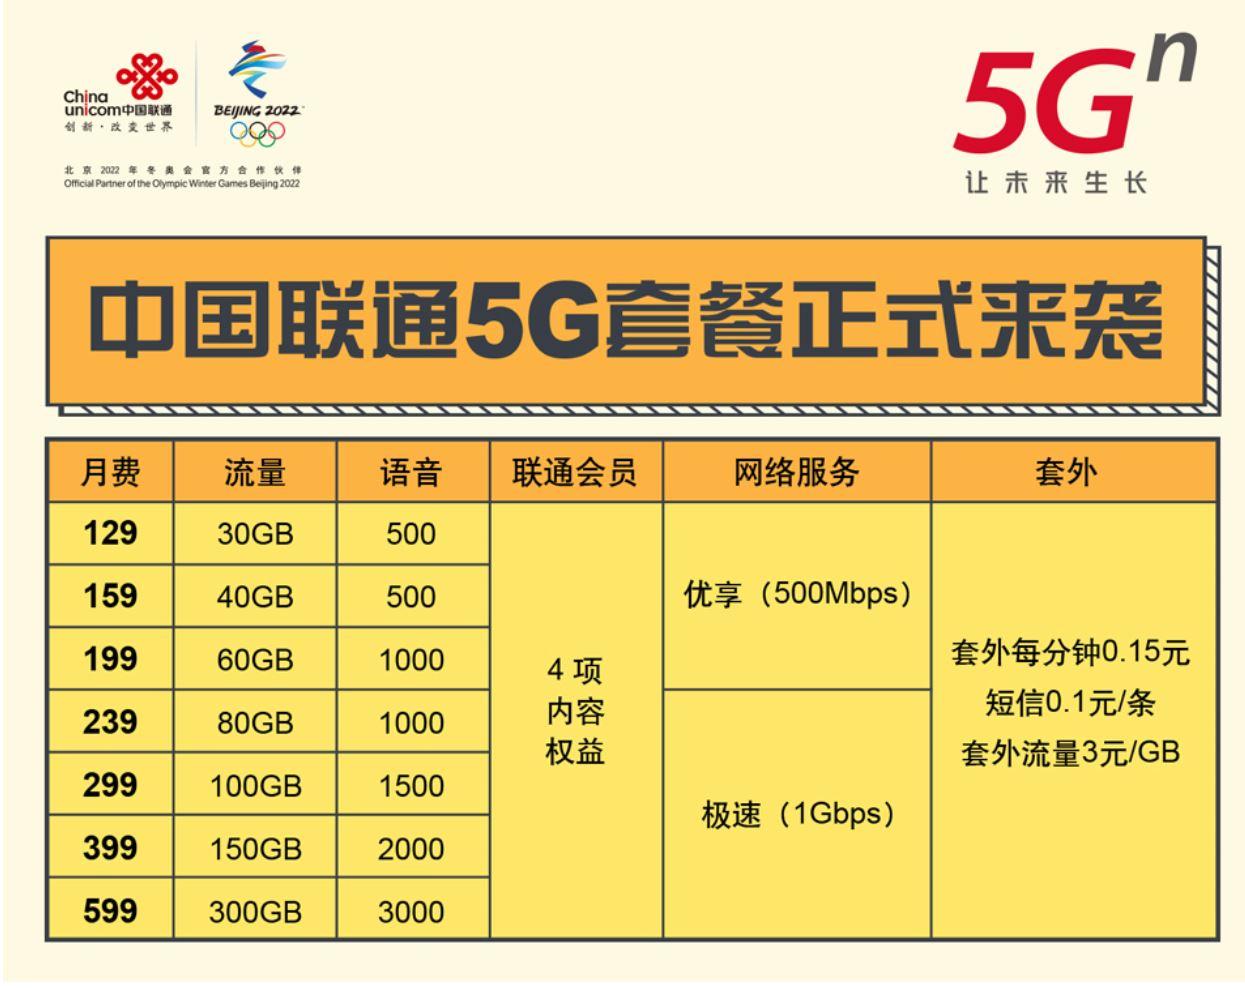 中国联通5G套餐详情